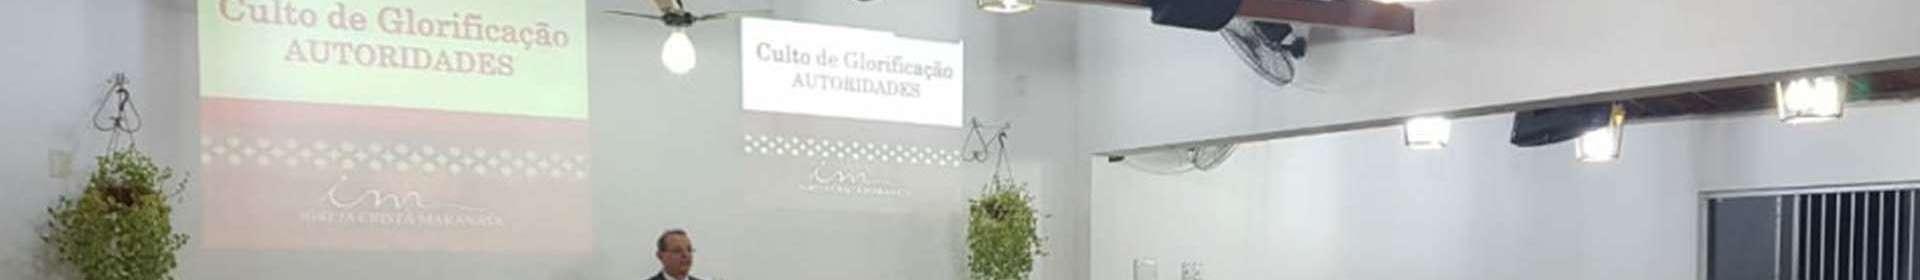 Igreja Cristã Maranata convida autoridades para um culto de glorificação a Deus